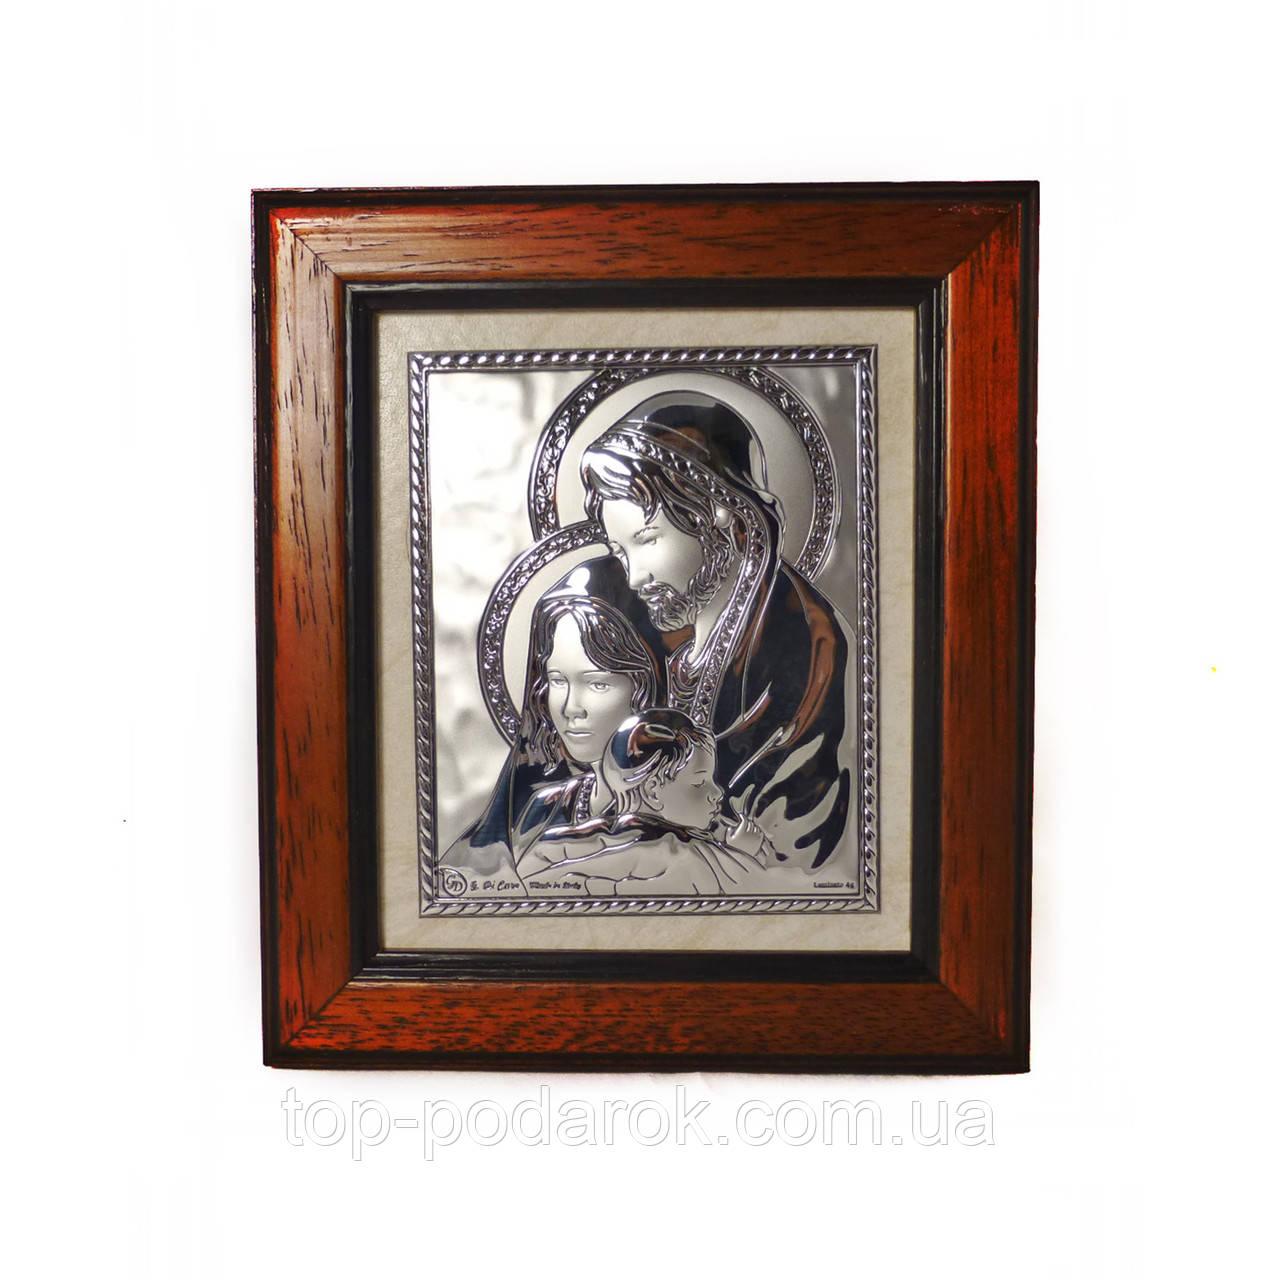 Икона Святое семейство в деревянной рамке